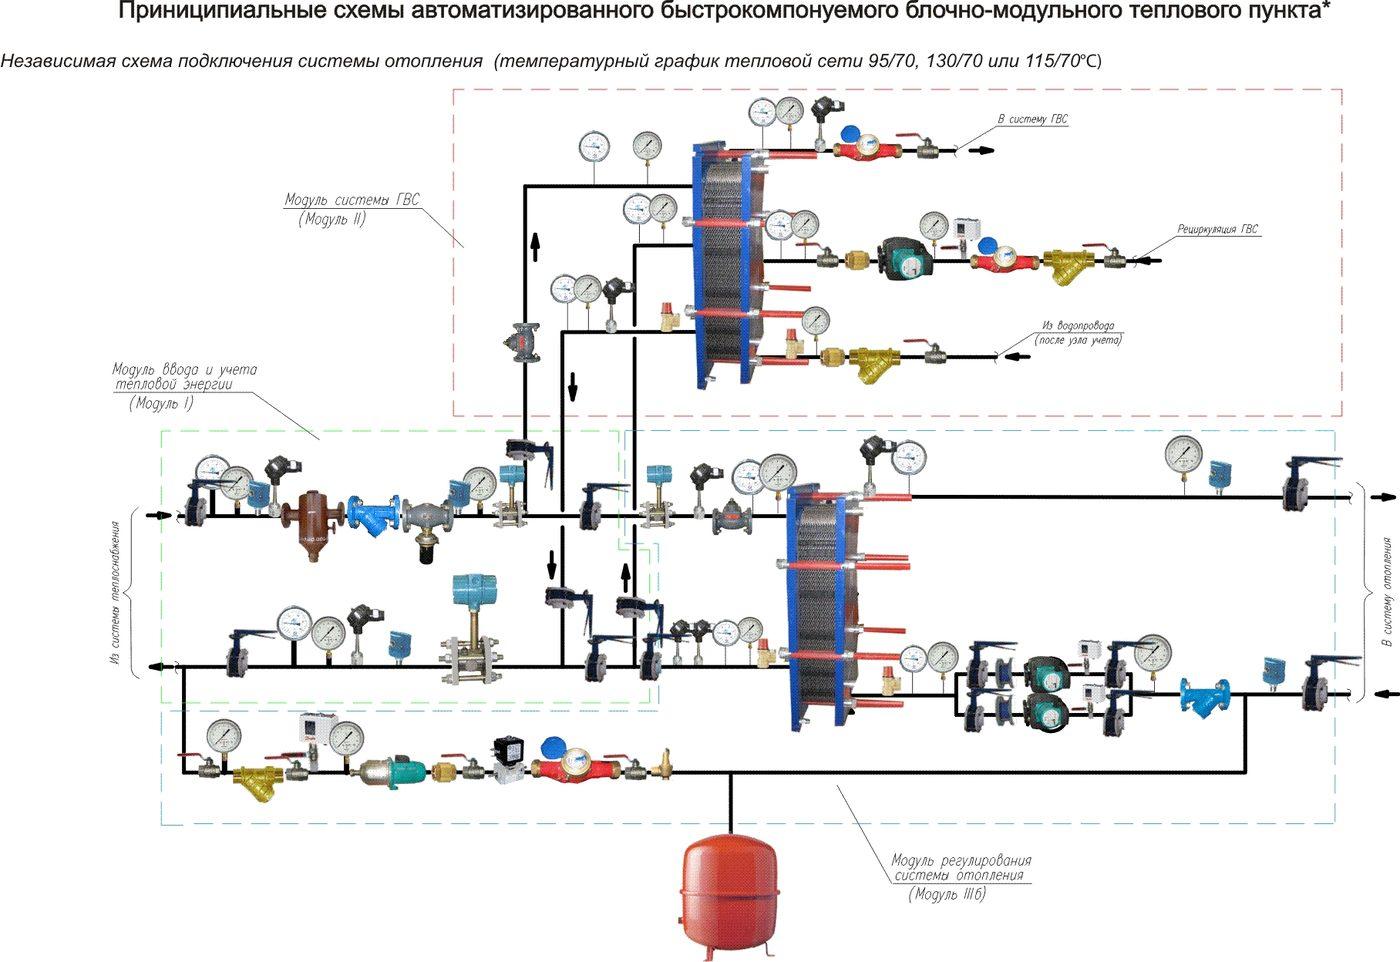 Индивидуальный тепловой пункт: схемы и решения | aw-therm.com.ua